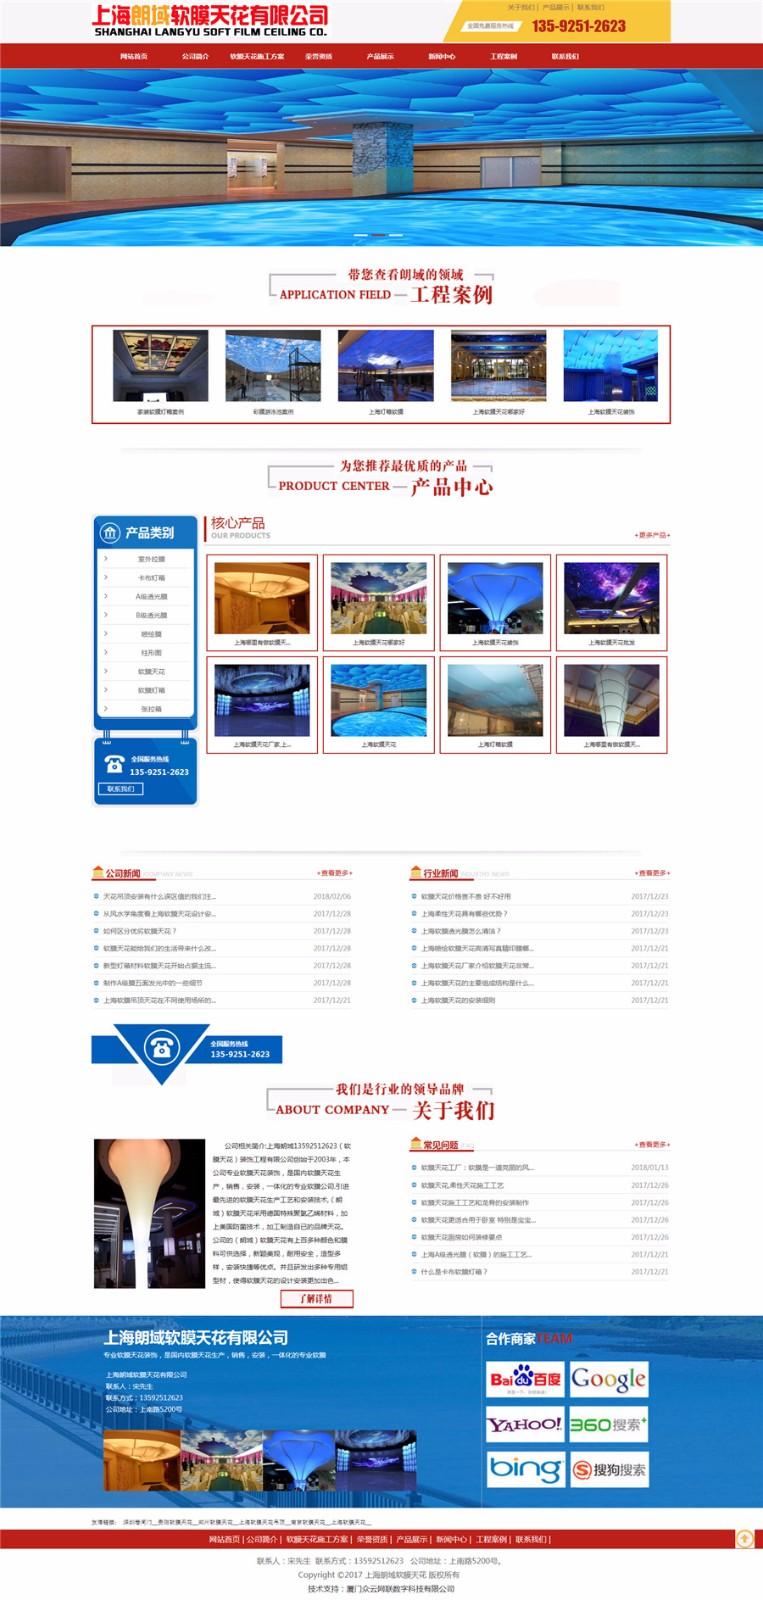 上海灯箱软膜_上海透光膜_上海软膜天花装饰_上海朗域软膜天花装饰有限公司